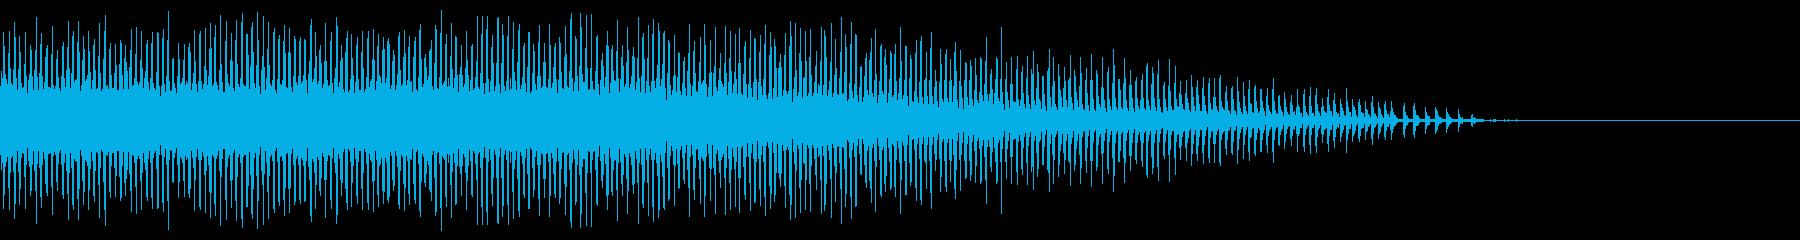 近距離の鳴き始め〜終わりまでの蝉の鳴き声の再生済みの波形